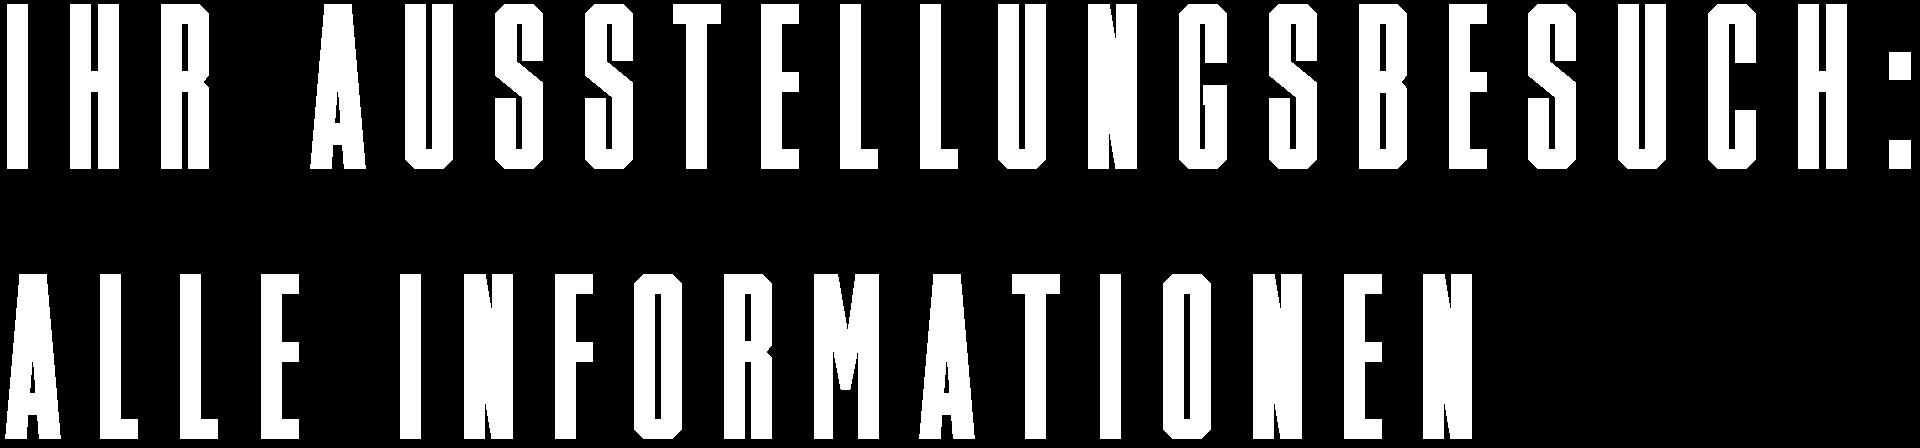 Ihr Ausstellungsbesuch: Alle Informationen